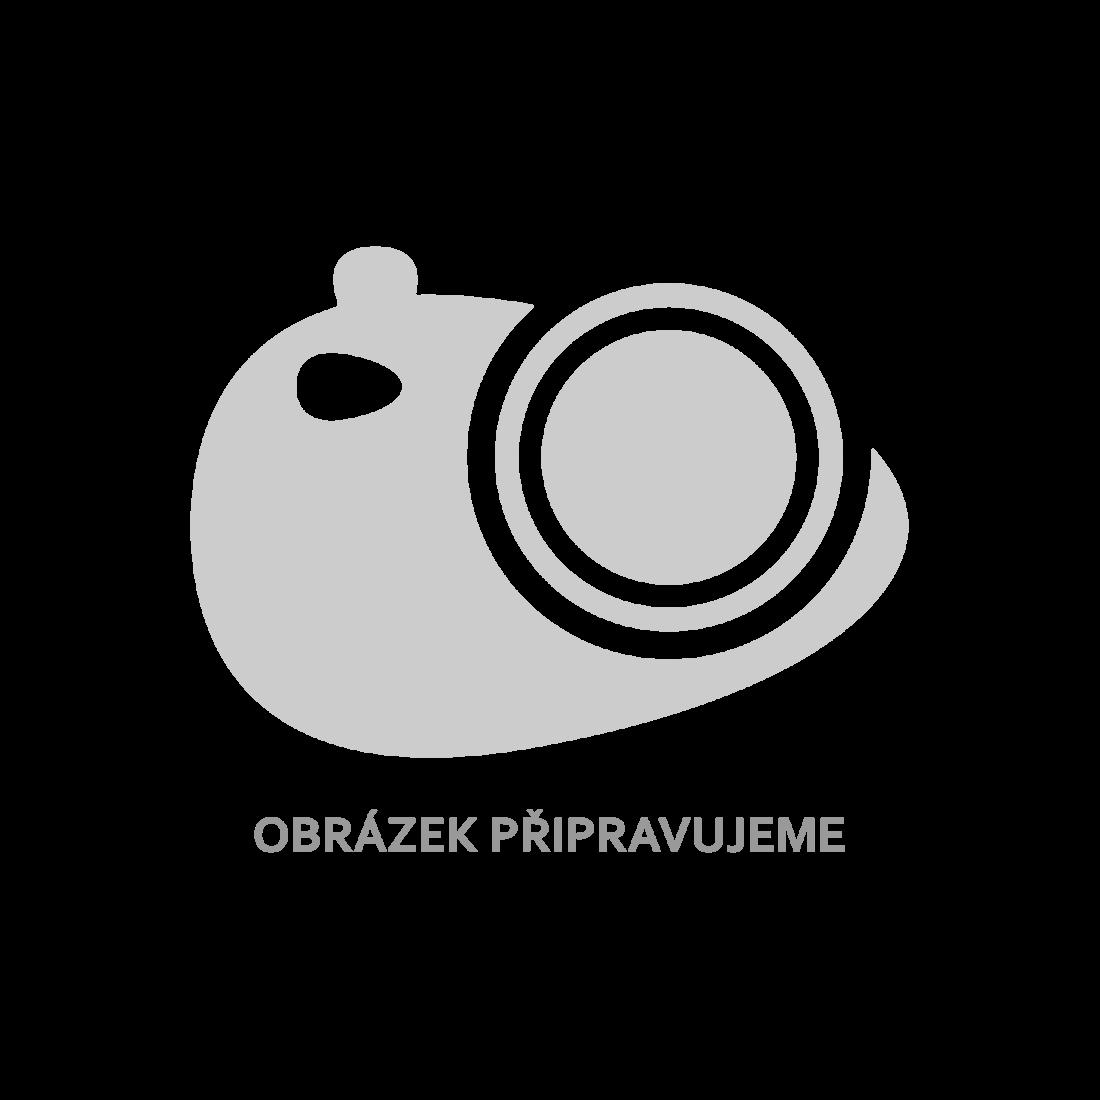 vidaXL Jídelní stůl 160 x 80 x 76 cm masivní recyklované dřevo [286490]